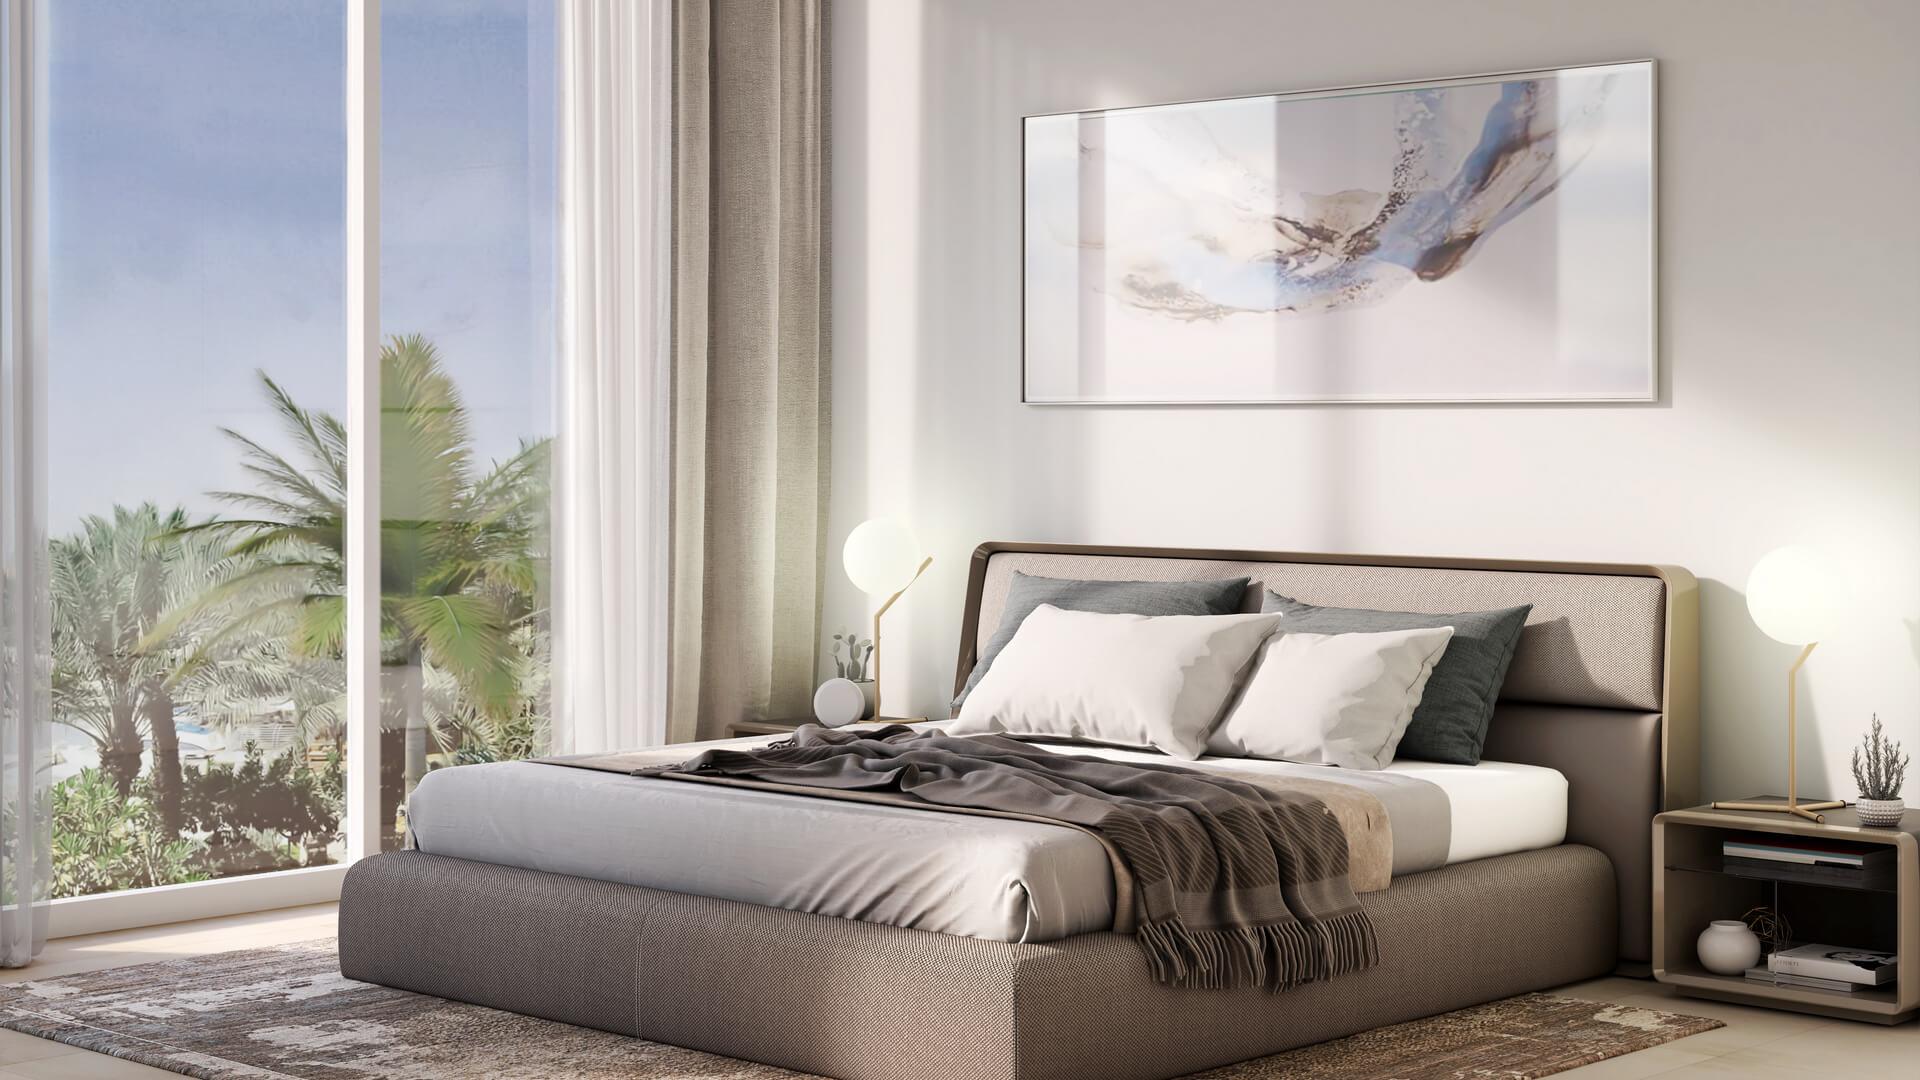 Villa en venta en Dubai, EAU, 3 dormitorios, 175 m2, № 24048 – foto 8